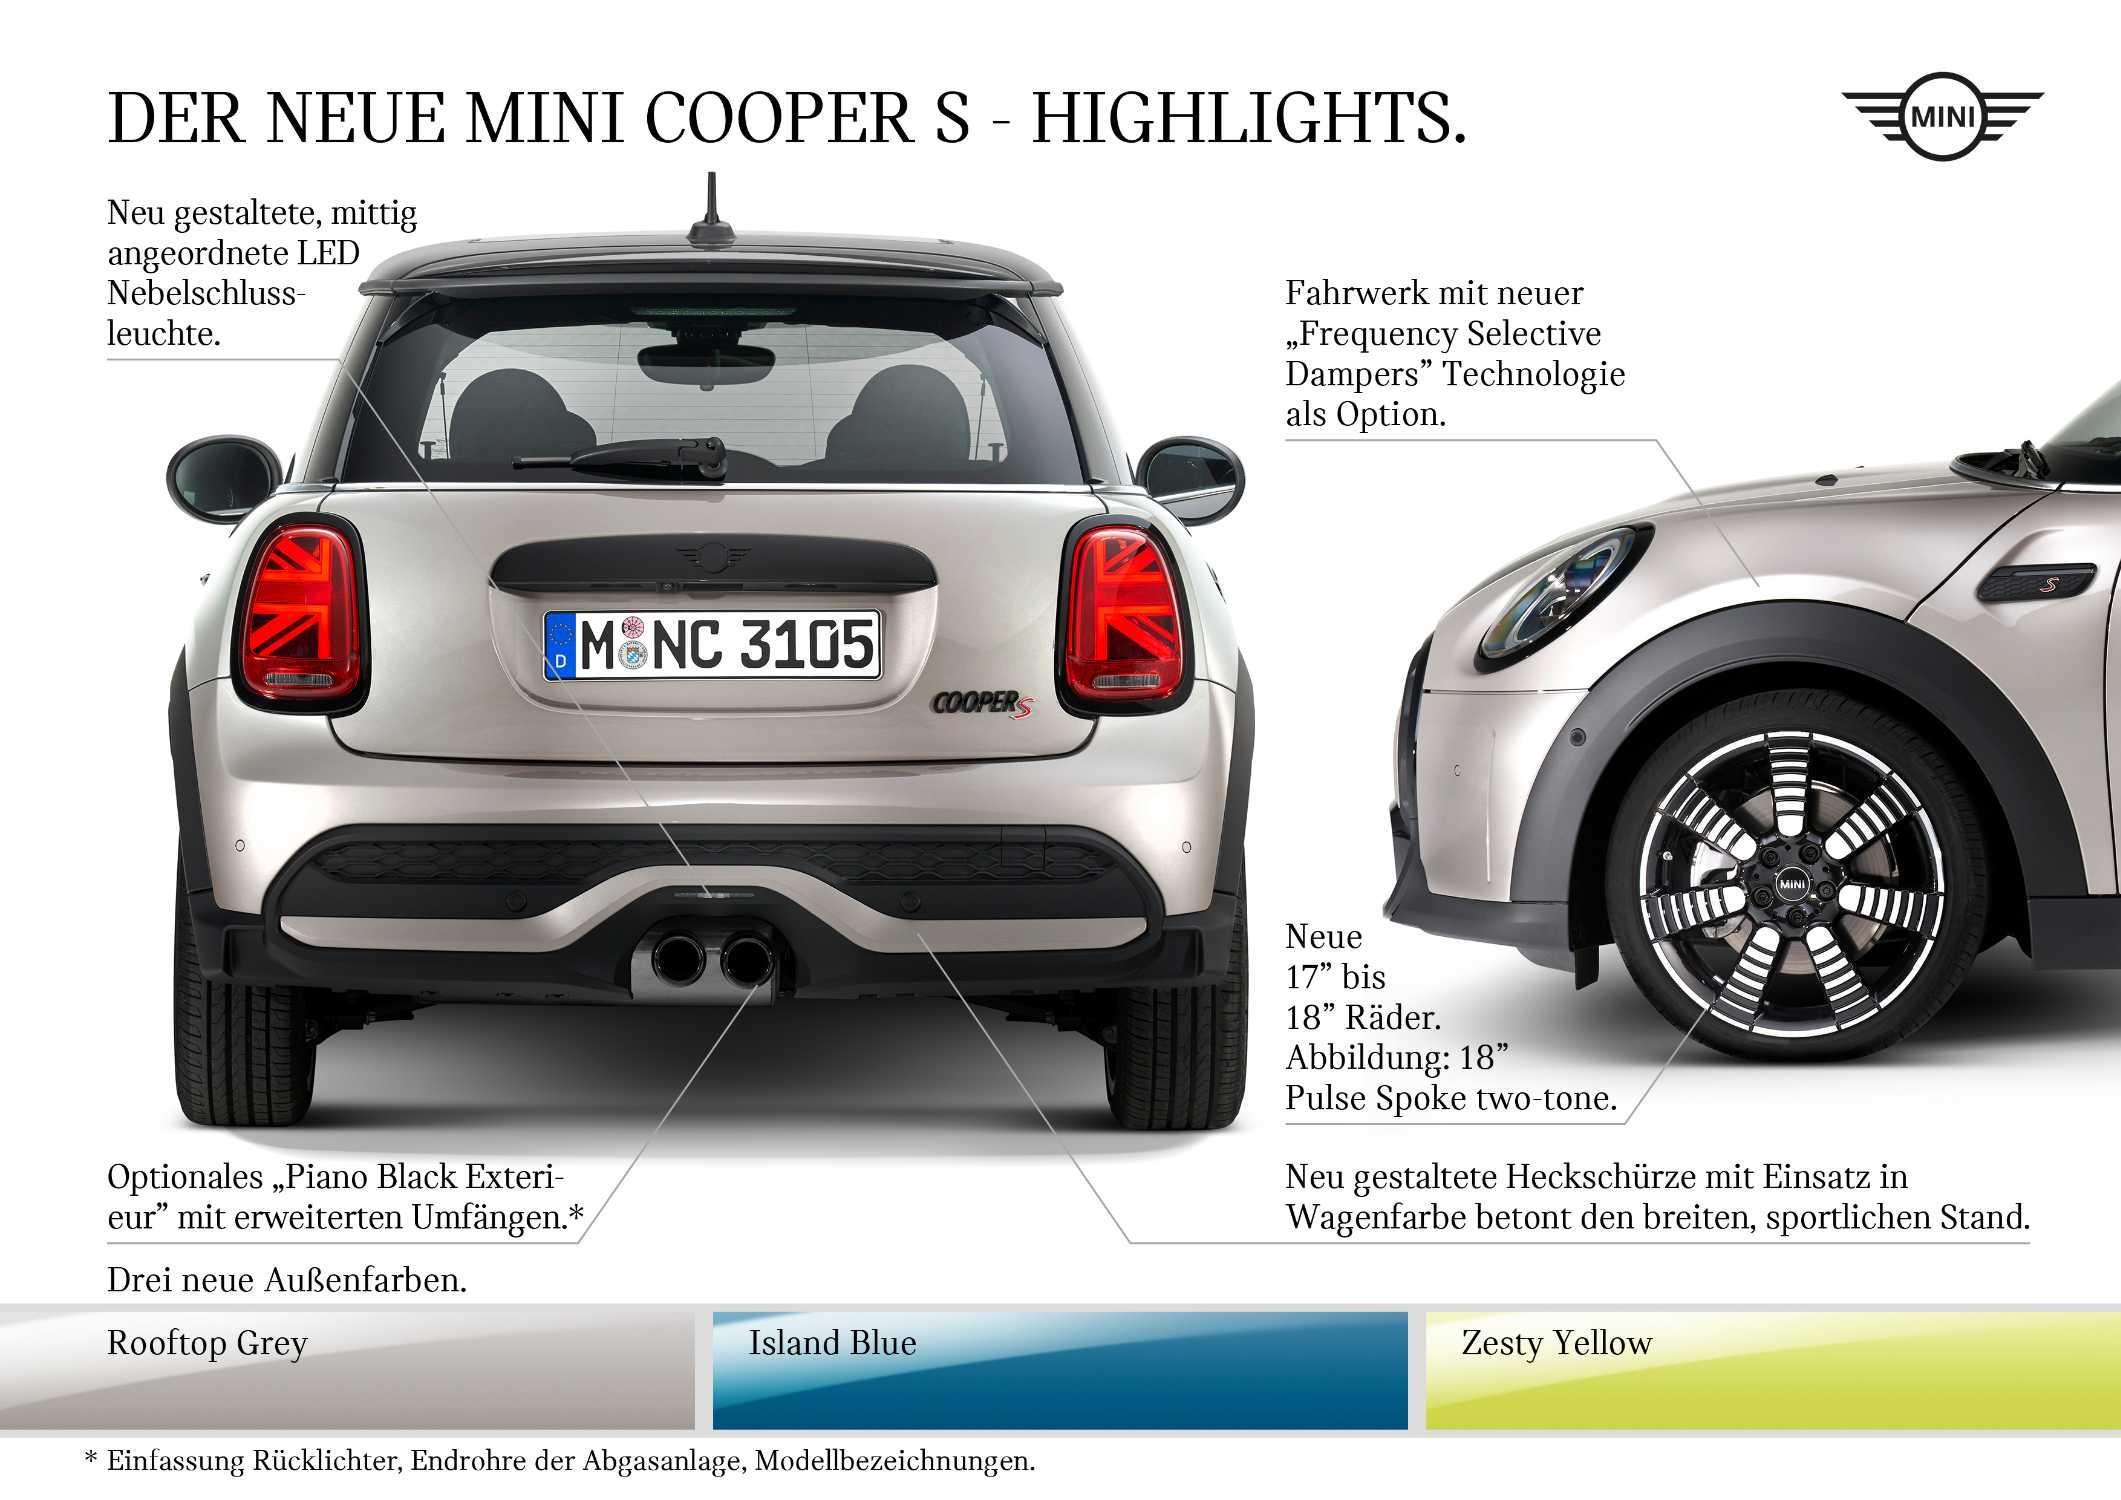 Highlights - MINI Cooper S 3-Türer (01/2021)